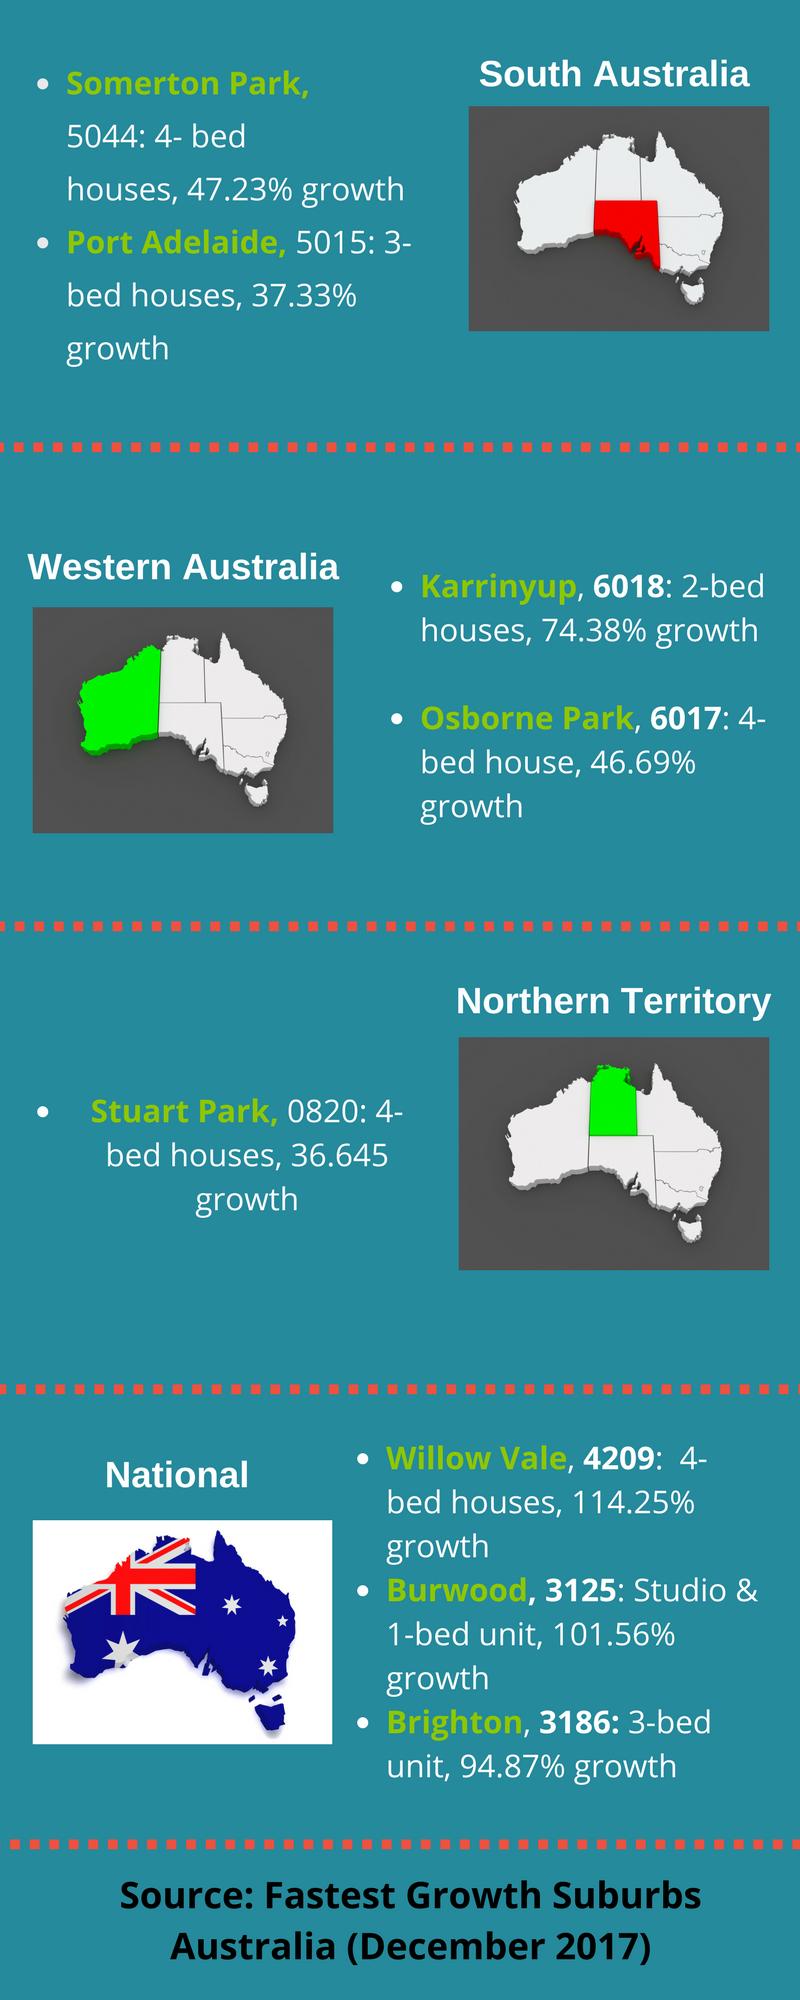 Fastest Growth Suburbs